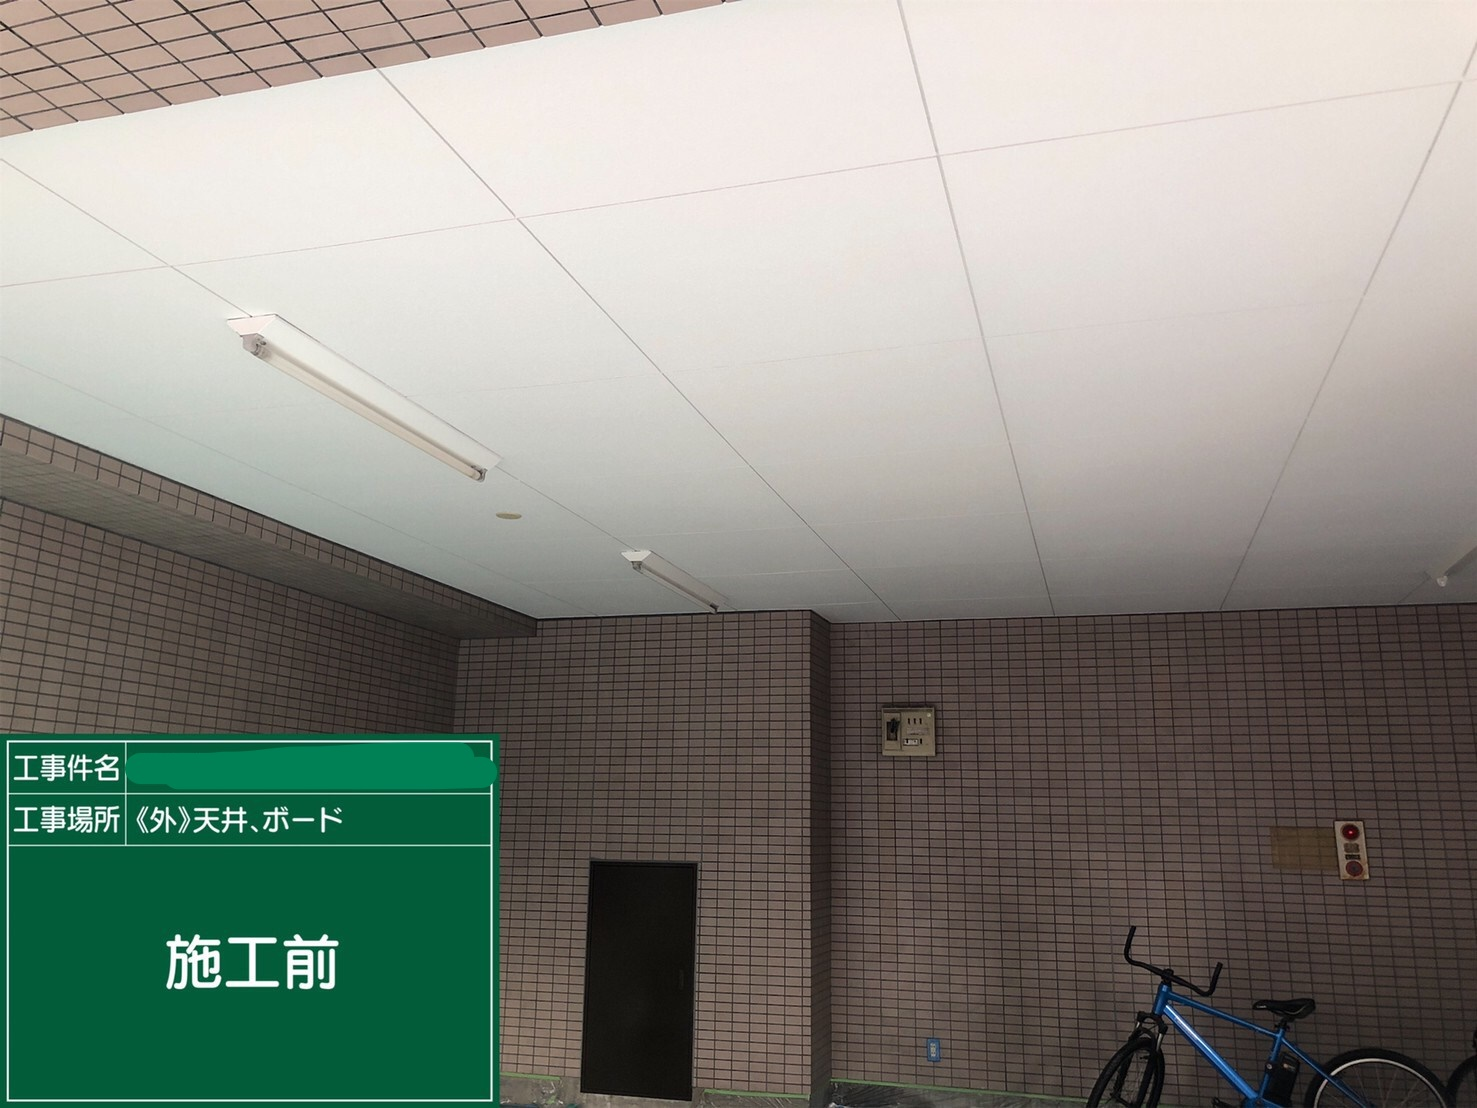 【外壁天井ボード 】①施工前